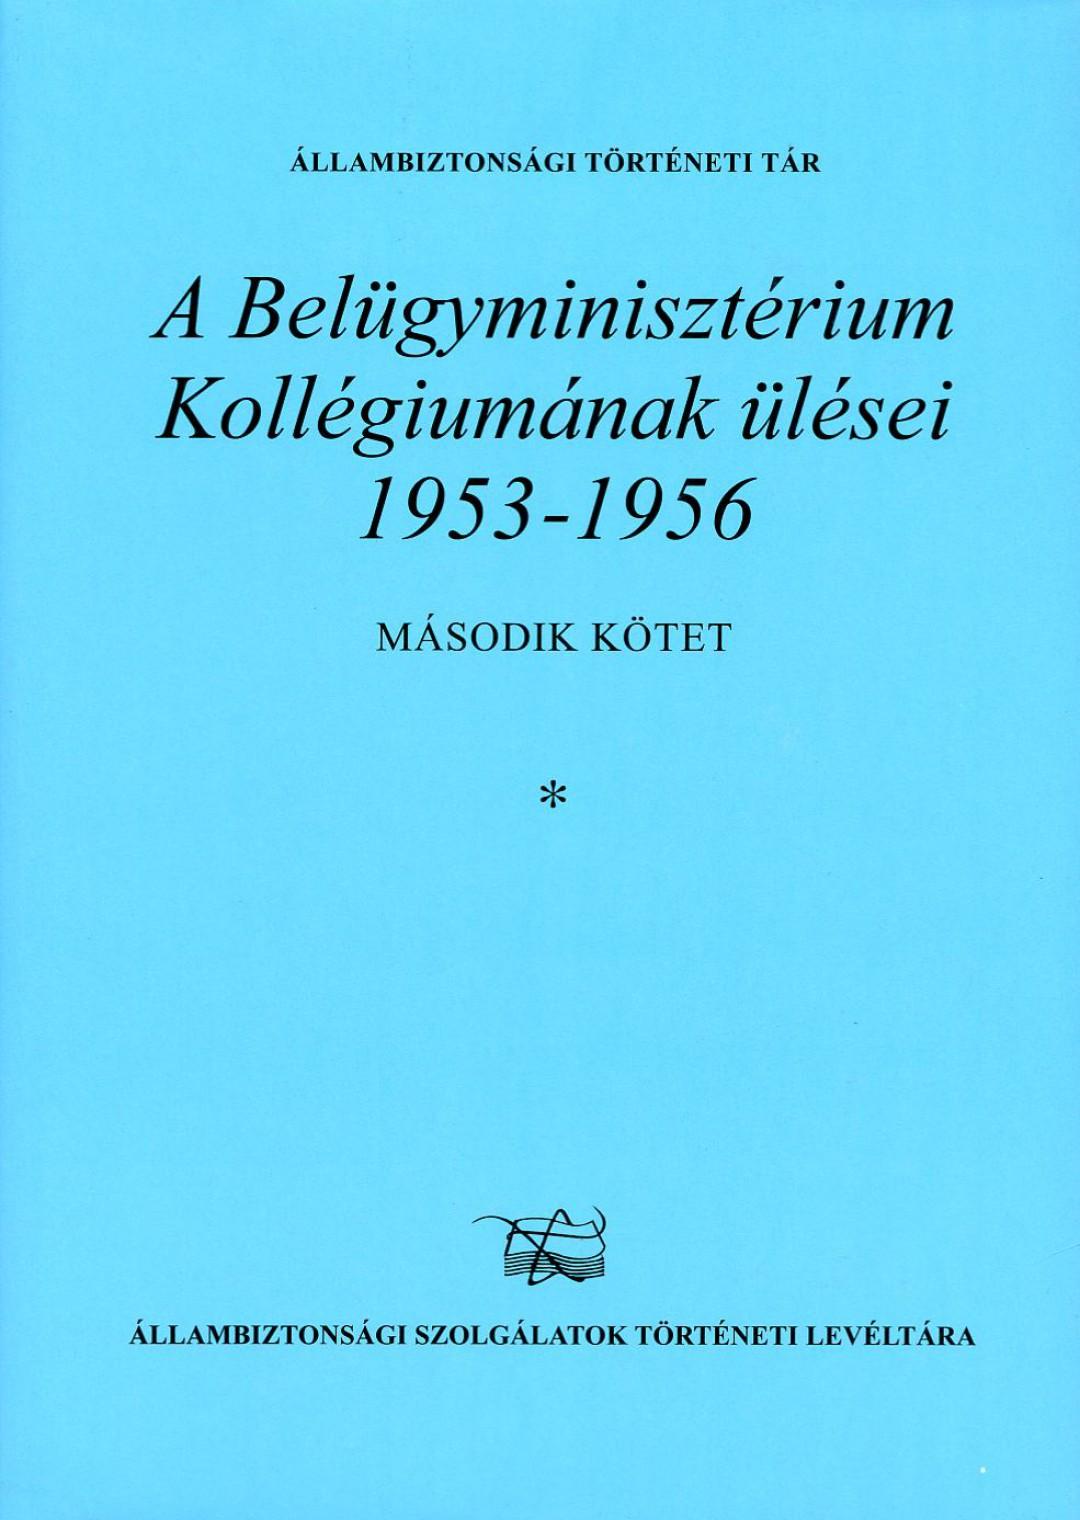 A Belügyminisztérium Kollégiumának ülései 1953-1956- II. kötet *